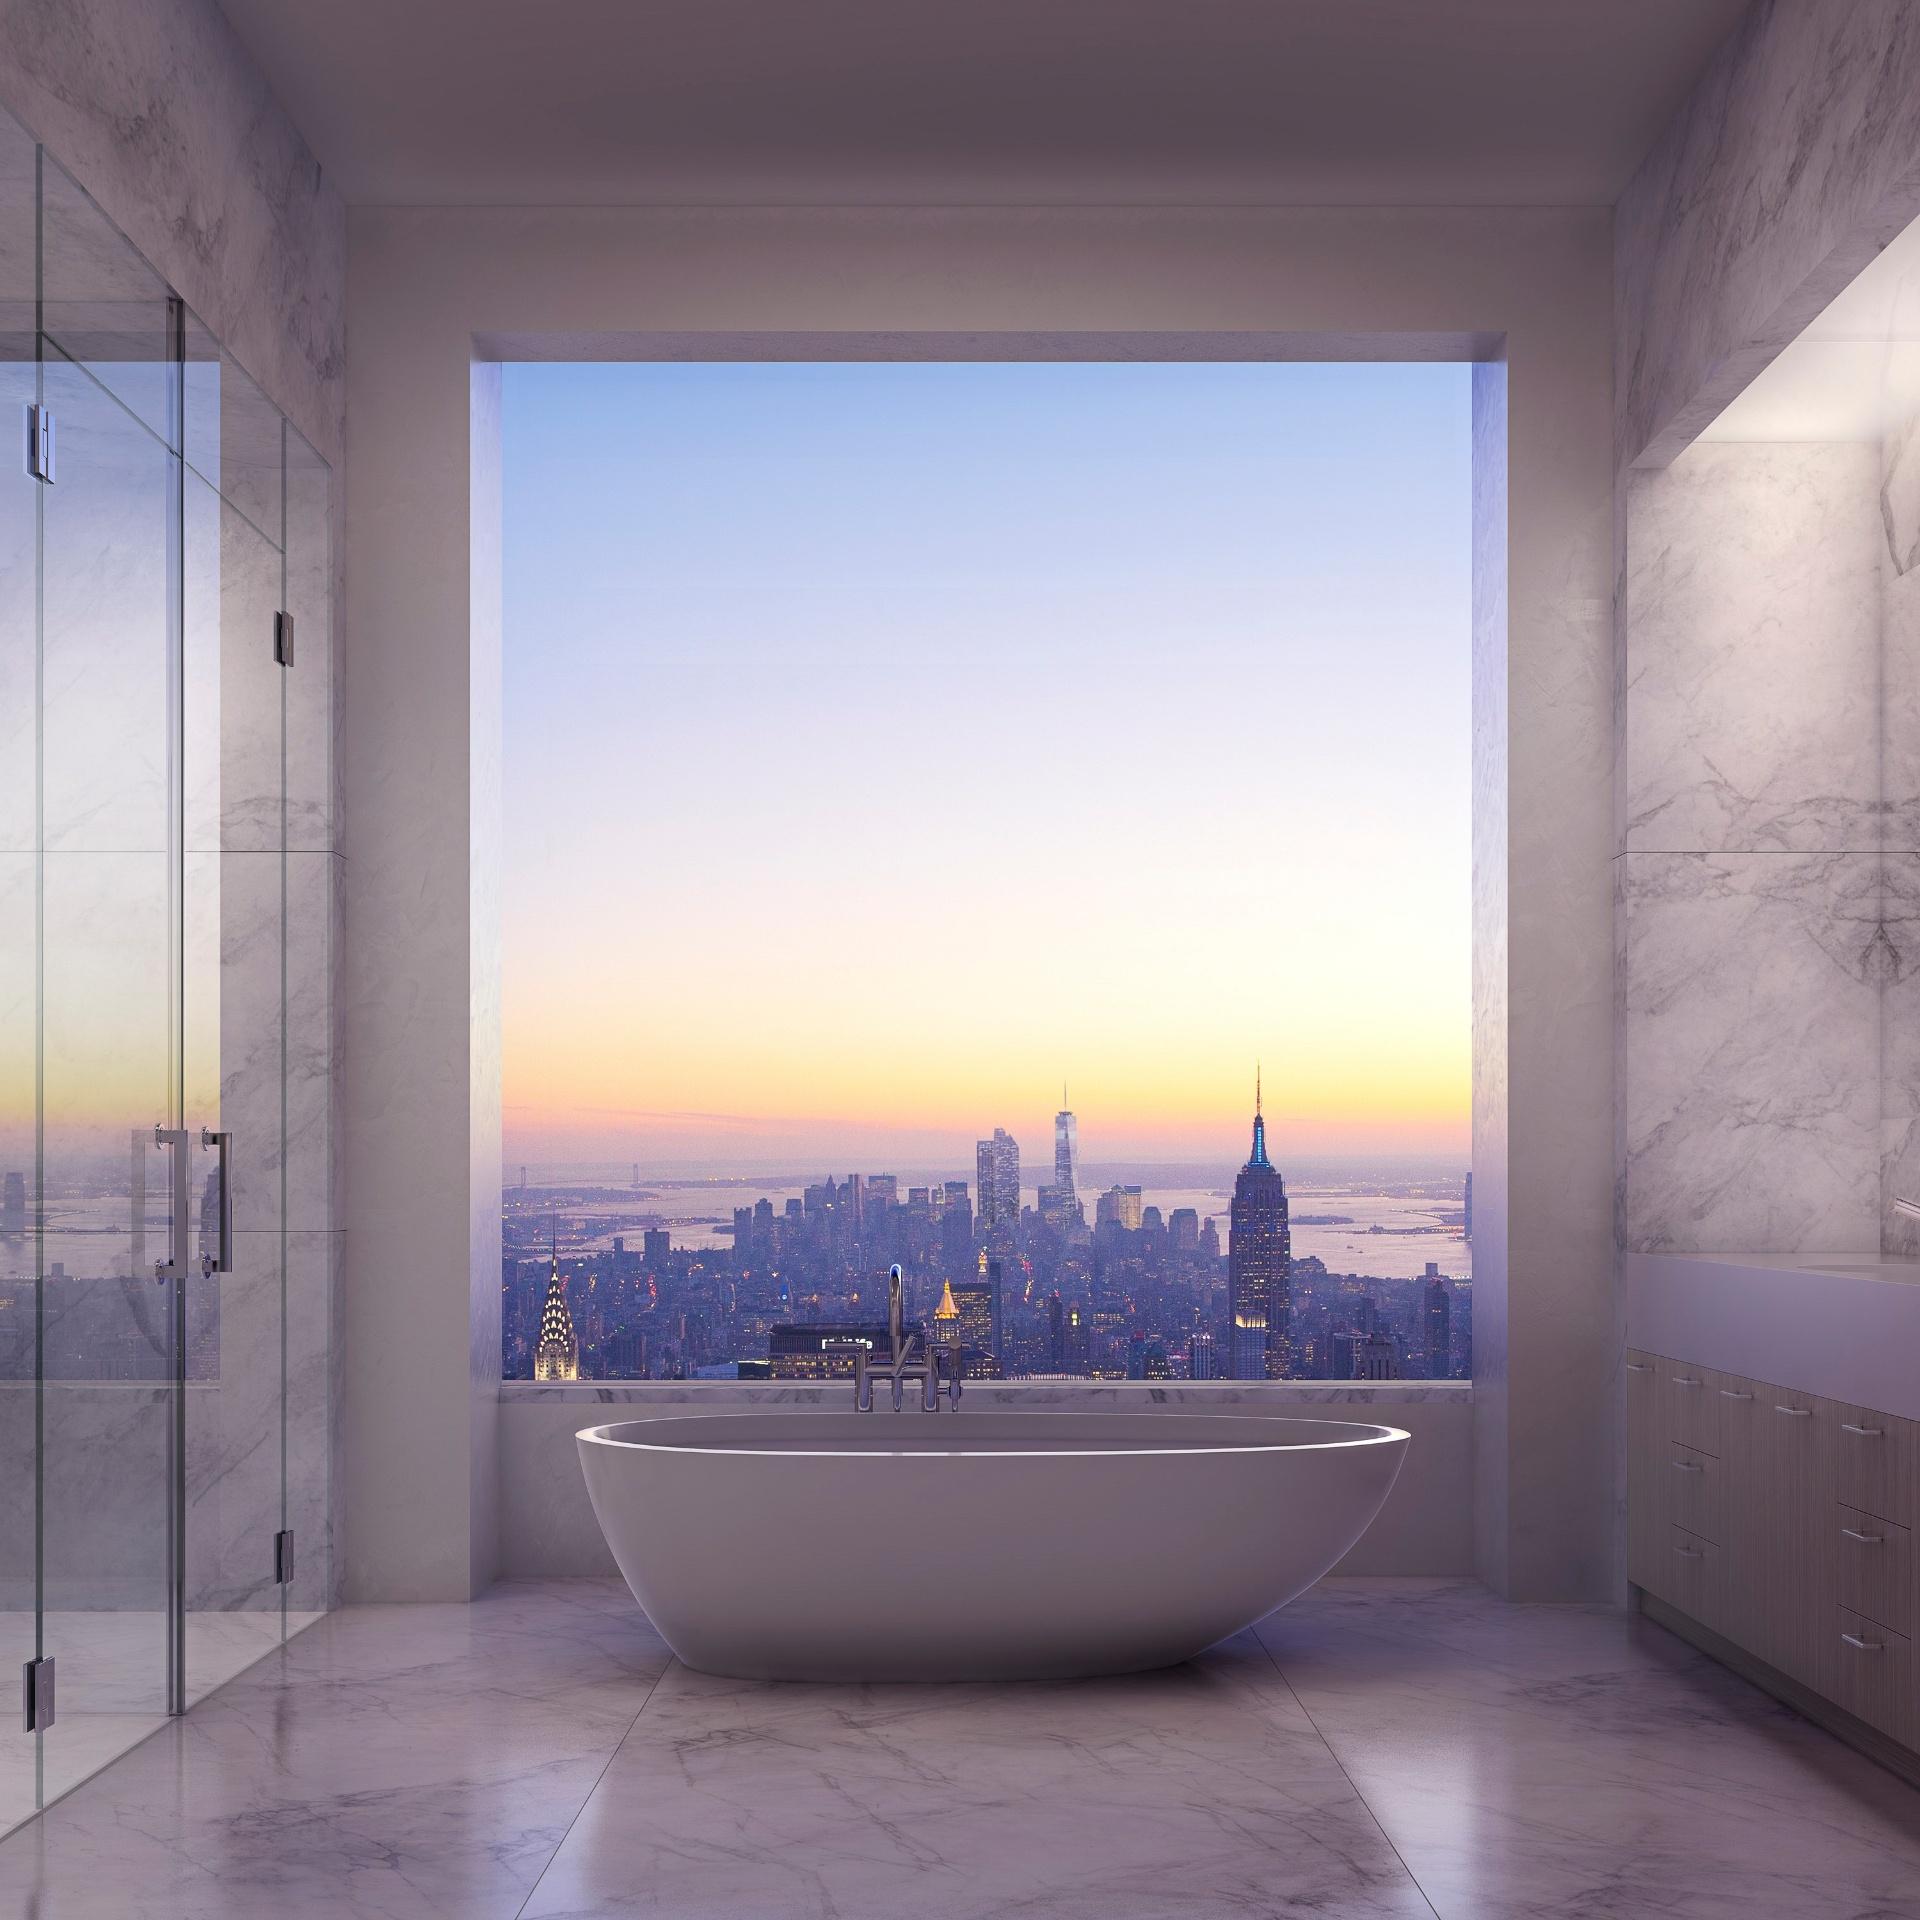 Em Manhattan, o prédio que será erguido no número 432, da Park Avenue, terá uma cobertura com vista panorâmica. O que chama a atenção no projeto é que o banheiro, revestido por mármore e de dimensões impactantes, terá uma banheira posicionada em frente a um pano de vidro - Imagem do NYT, usar apenas no respectivo material